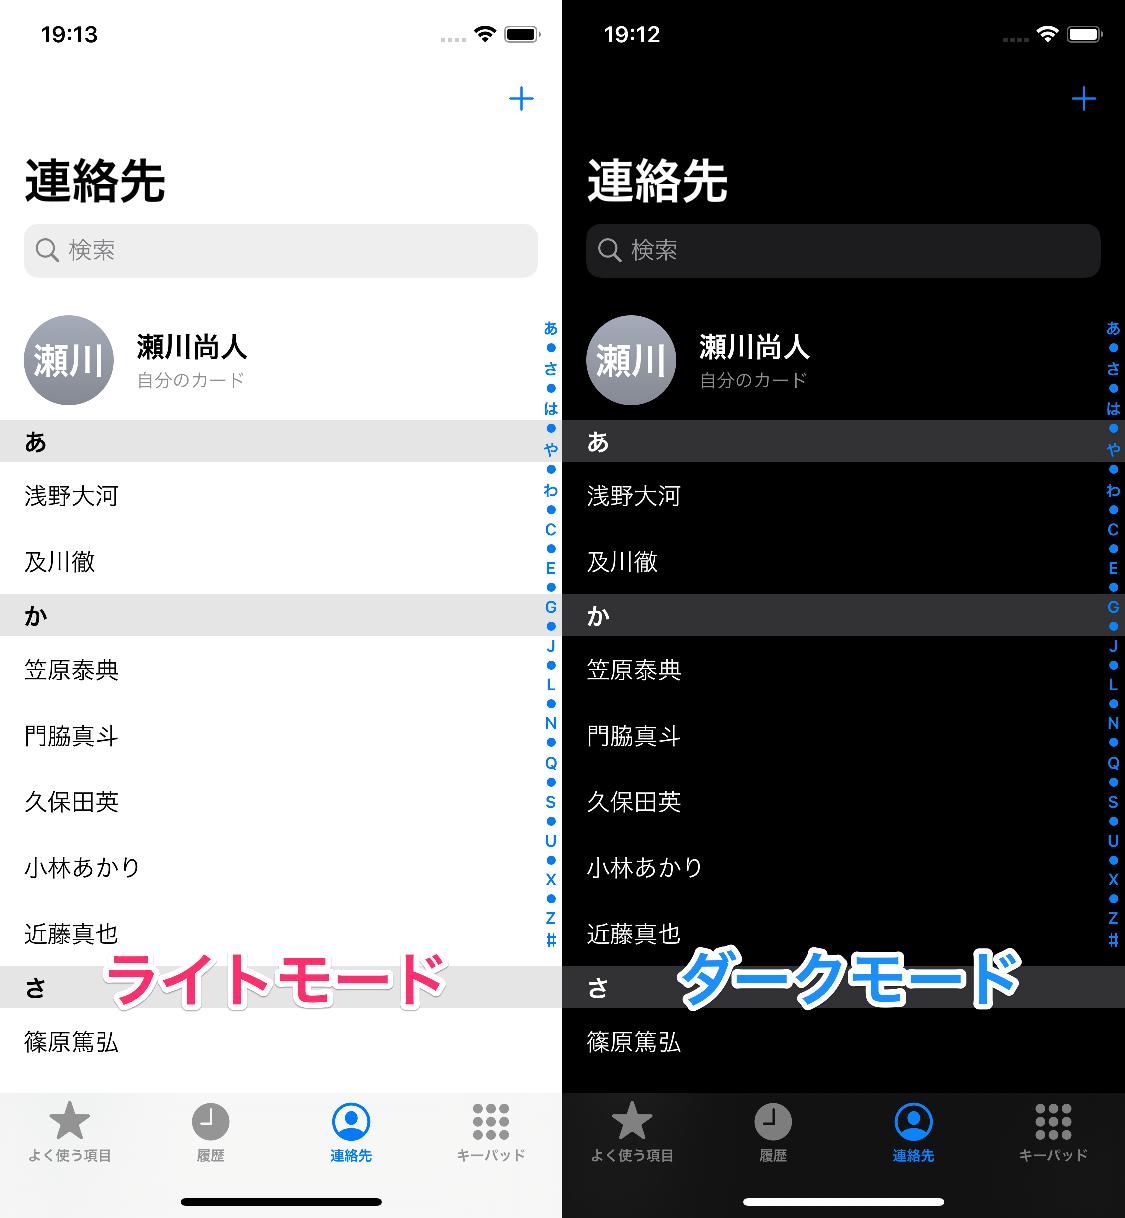 Iphoneをダークモードにする方法 ライト ダークで変化する新しい壁紙